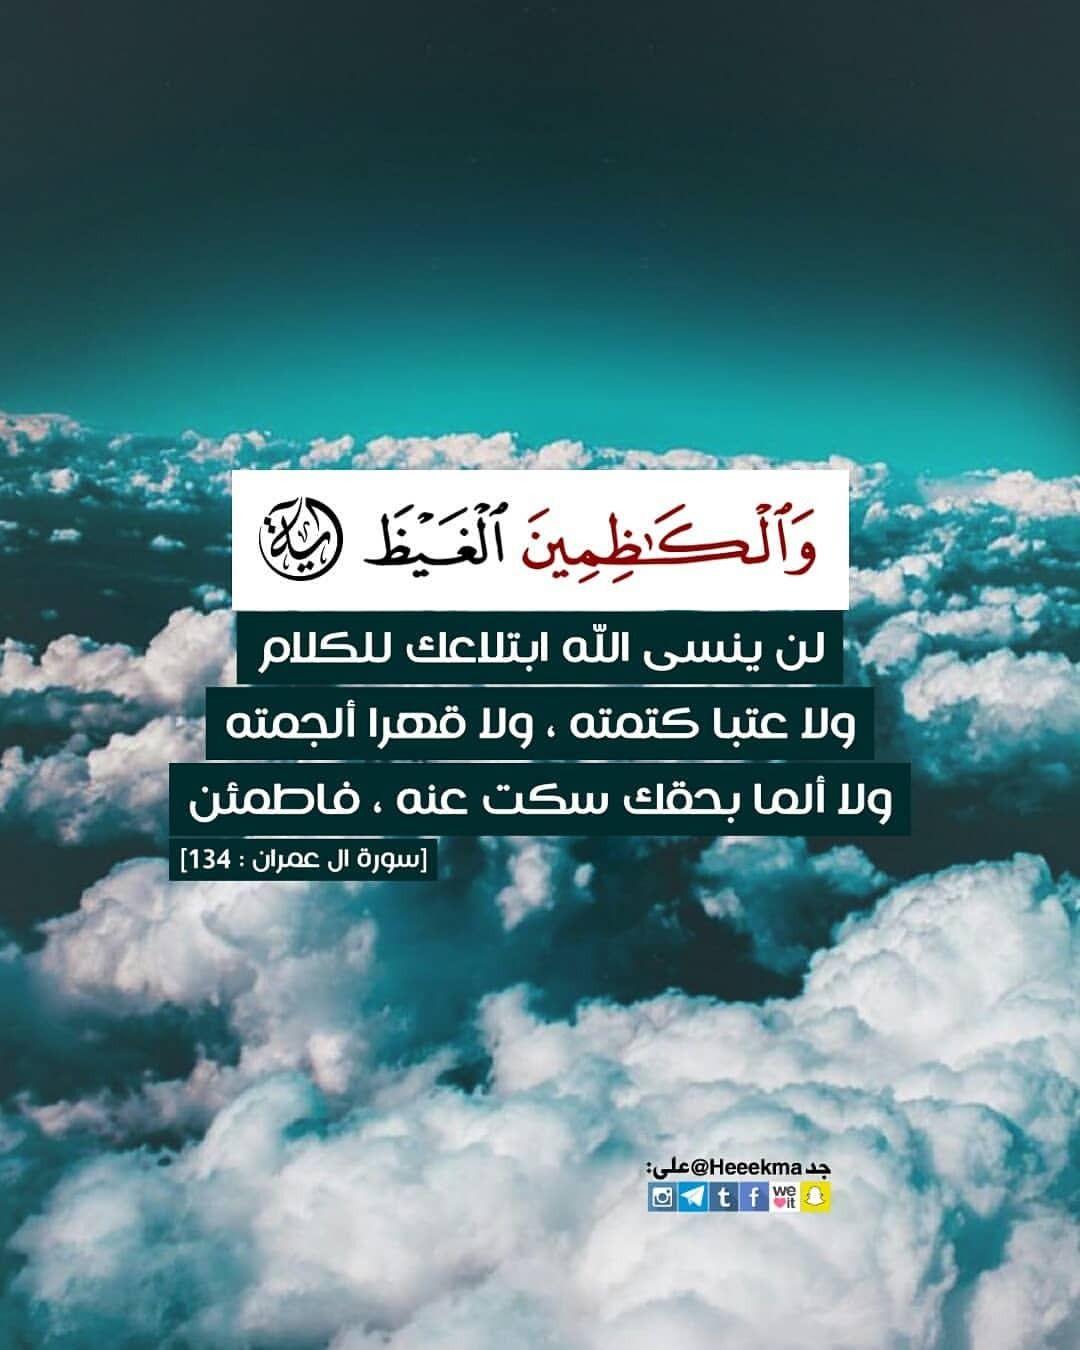 والكاظمين الغيظ لن ينسى الله ابتلاعك للكلام ولا عتبا كتمته ولا قهرا ألجمته ولا ألما بحقك سكت عنه فاطمئن Quran Quotes Love Quran Quotes Islamic Phrases